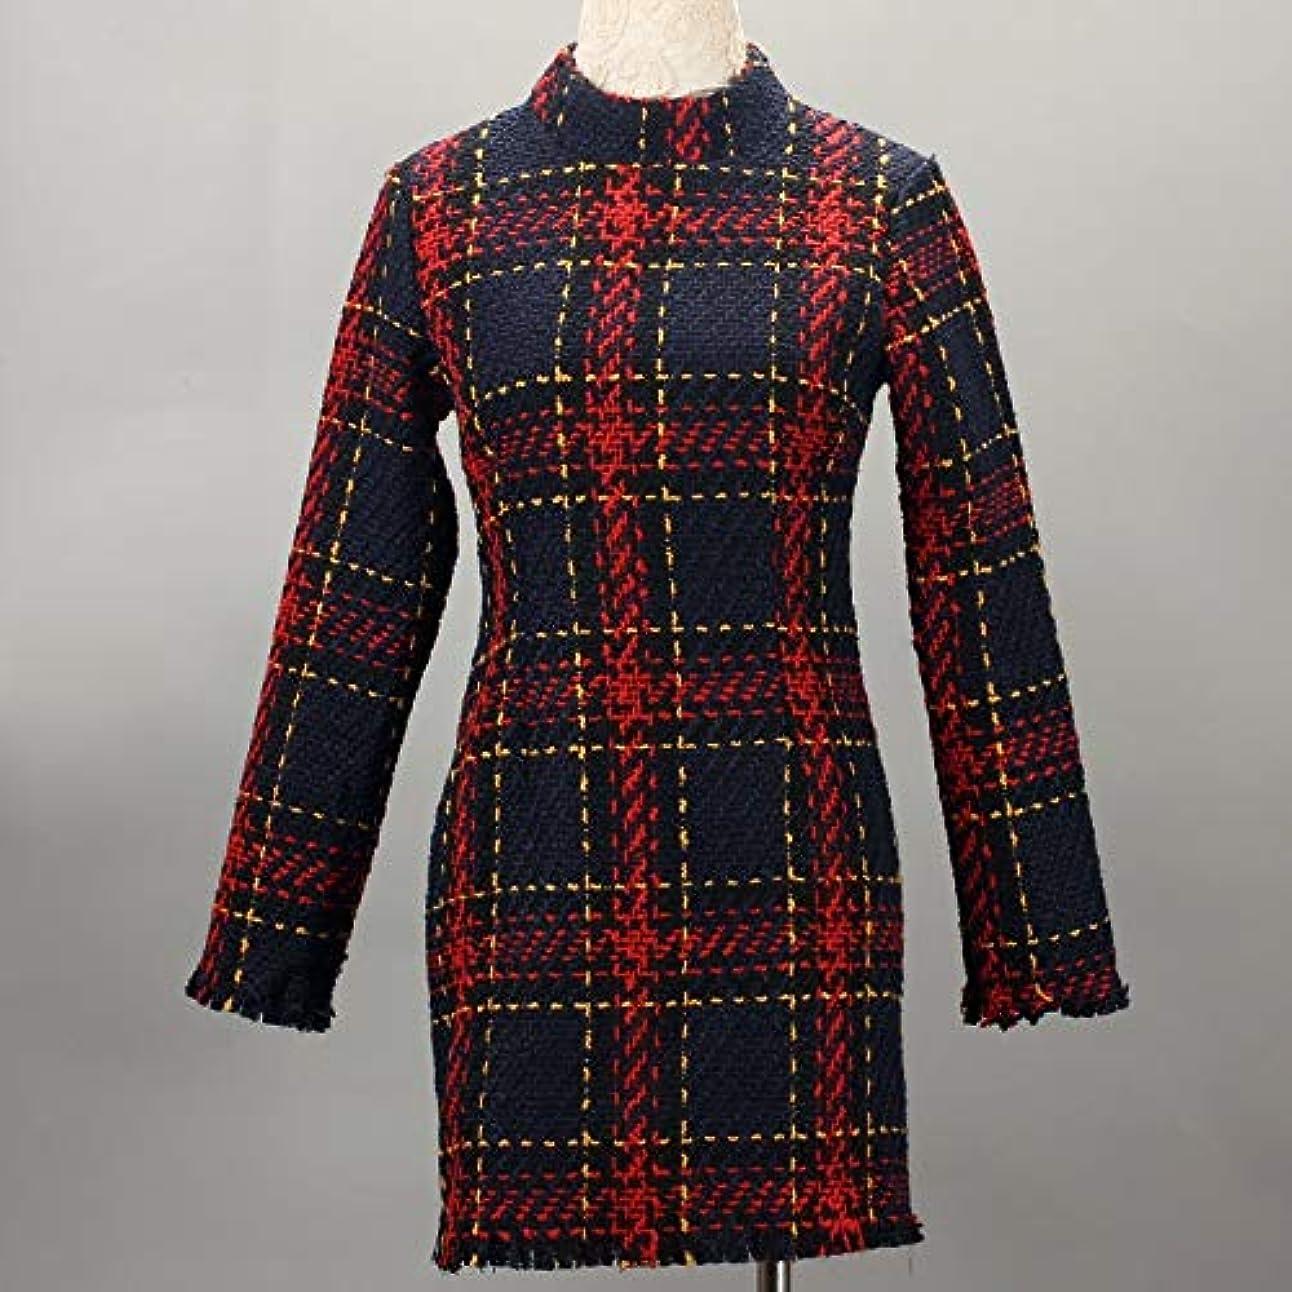 奇妙な滞在大使Onderroa - ファッション冬のドレスの女性は、ストライプ長袖スリムスキニーセクシーなミニボディコンヴィンテージvestidosドレスの女性を印刷PLAID